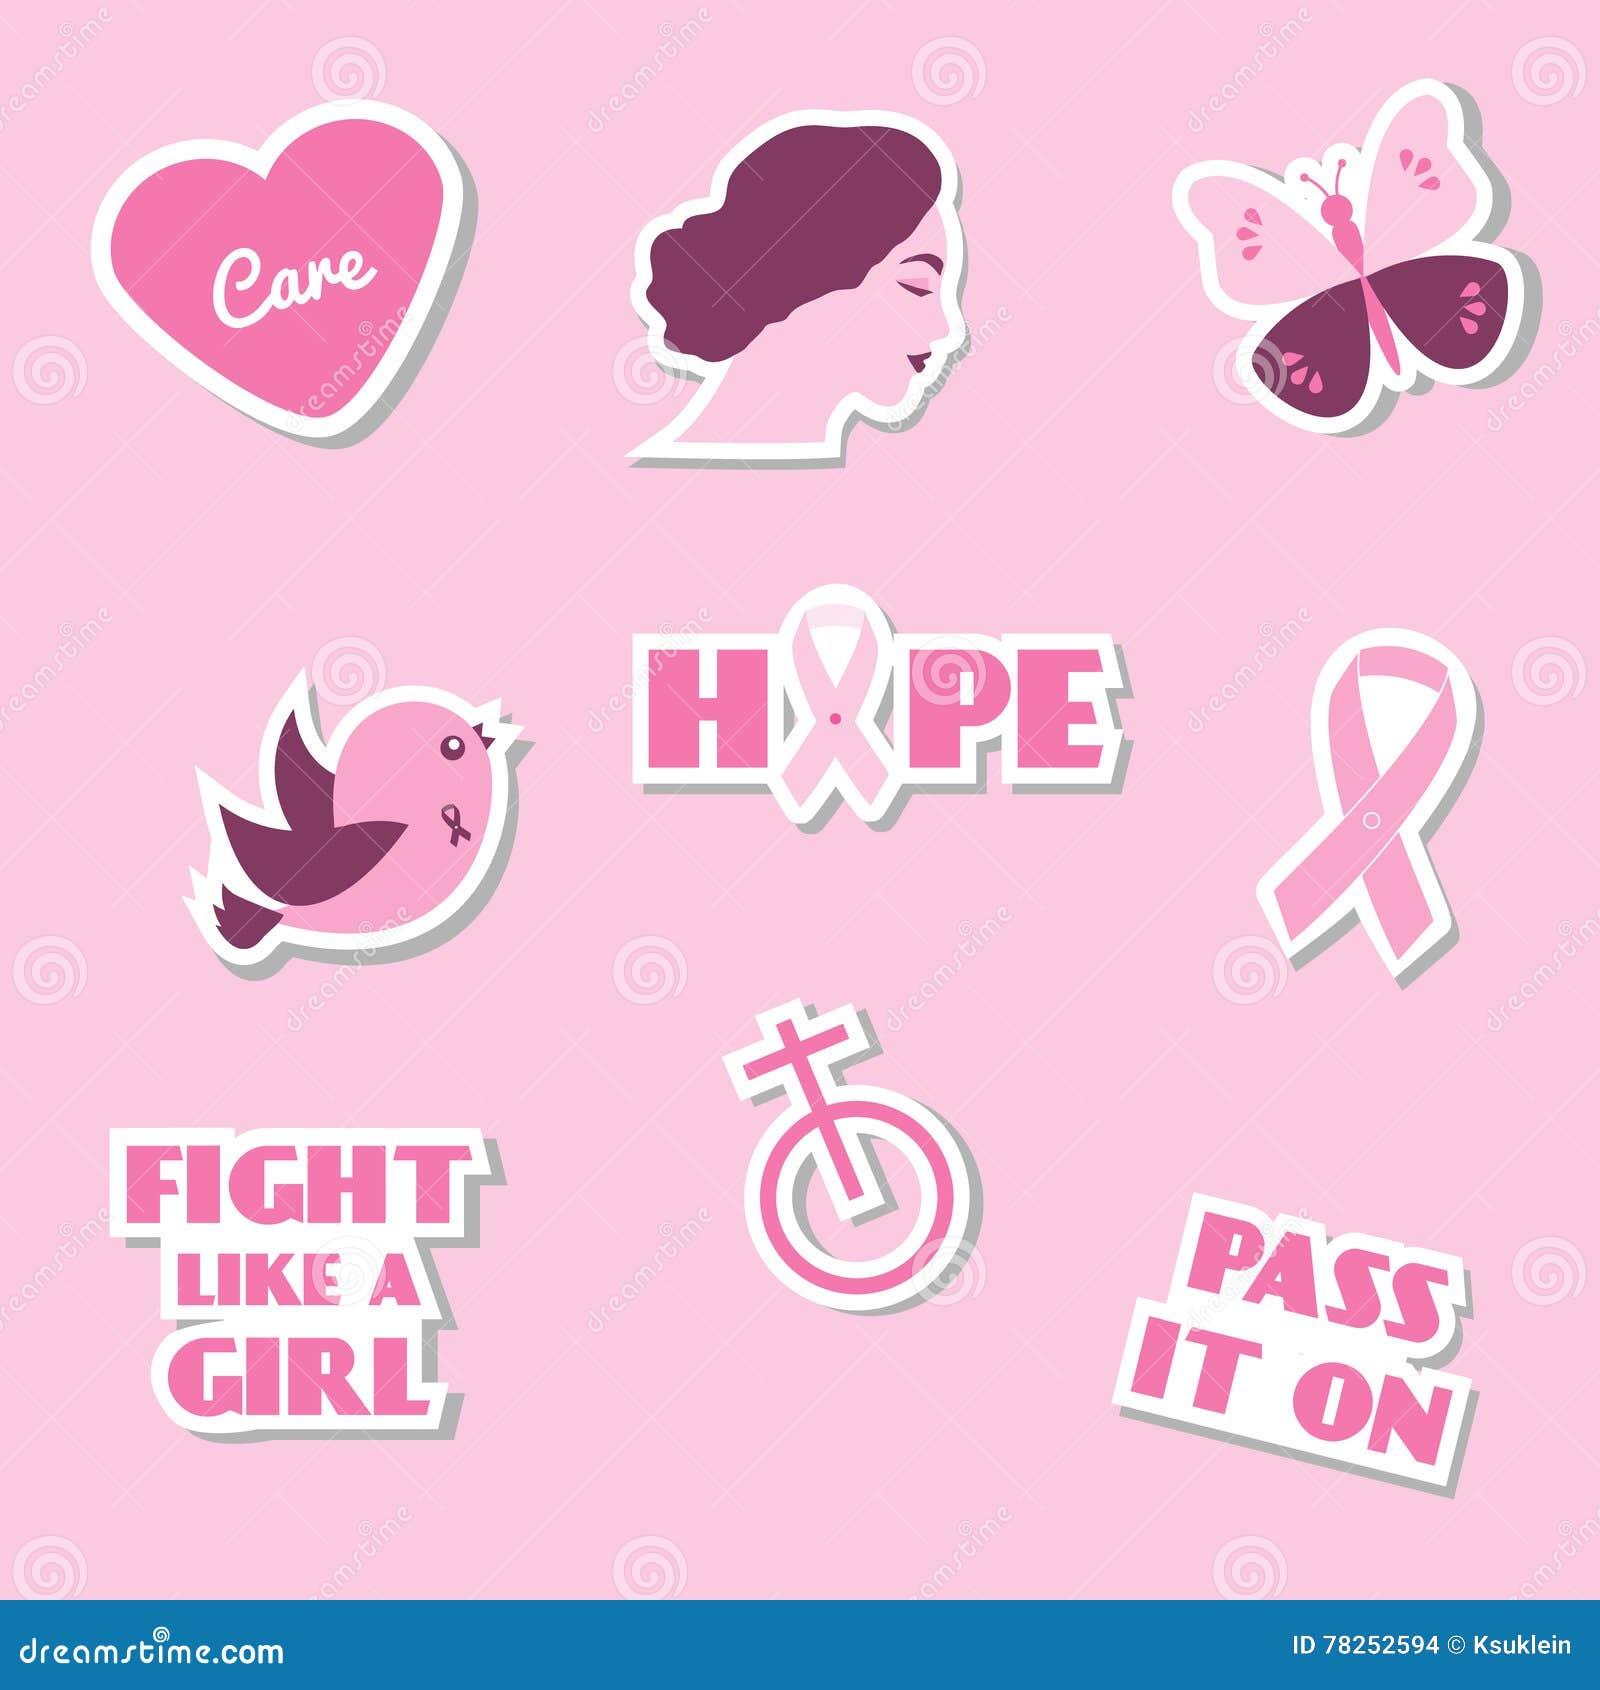 Καρκίνου του μαστού συνειδητοποίησης εικονίδια, αυτοκόλλητες ετικέττες, ετικέτες, καρφίτσες με το σύνθημα, φράσεις και σύμβολα μή